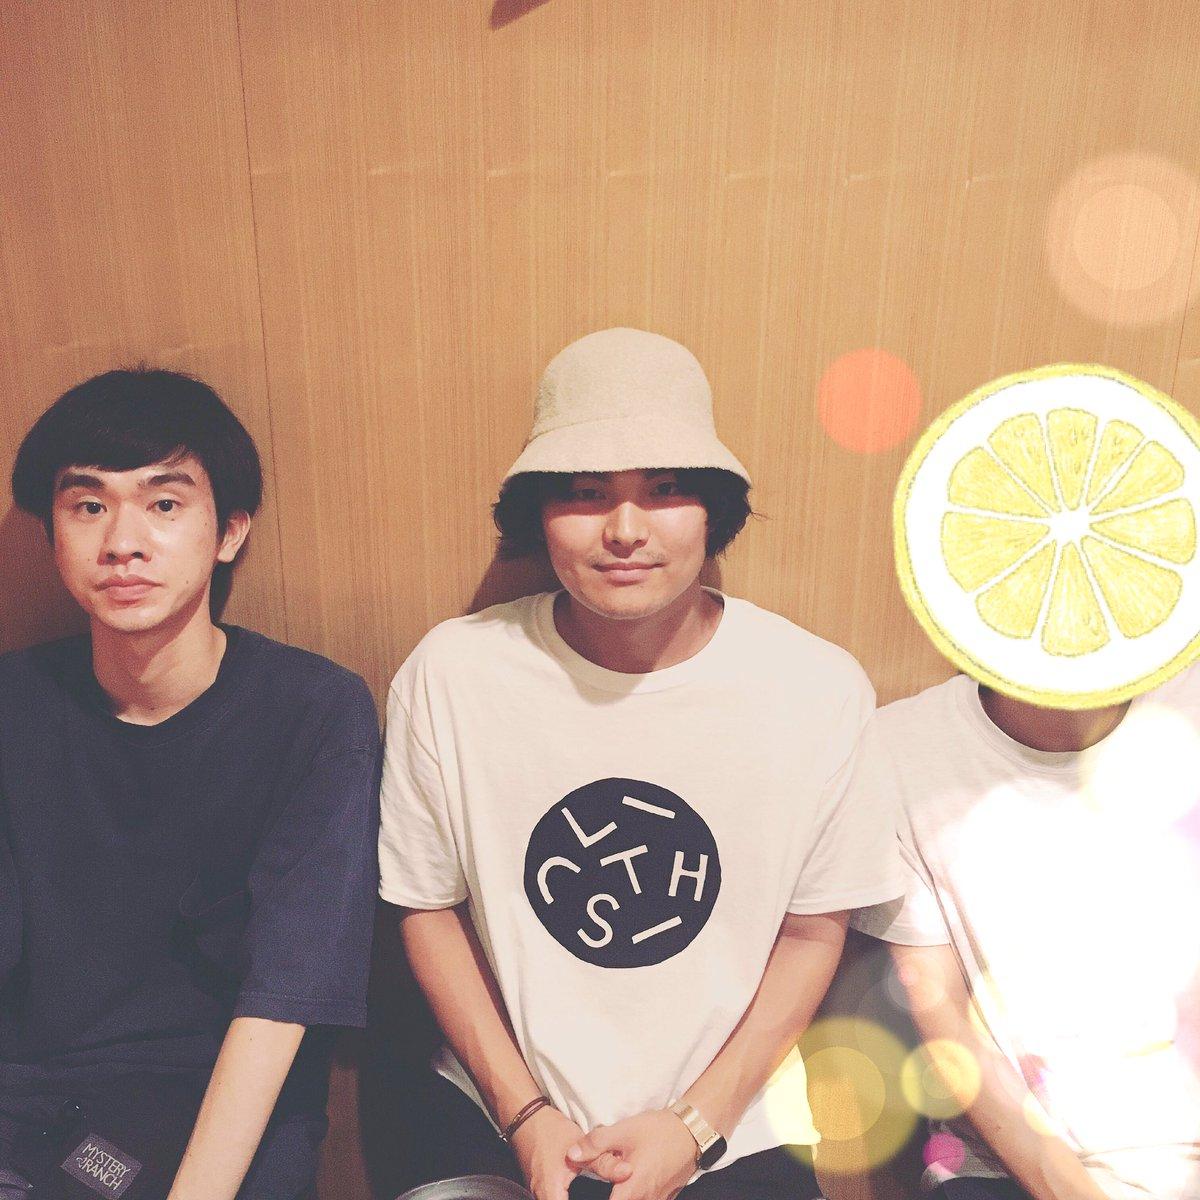 昨晩は、漫画「とんかつDJアゲ太郎」作者 小山さん、原案者 イーピャオさん、never young beach 巽さんと